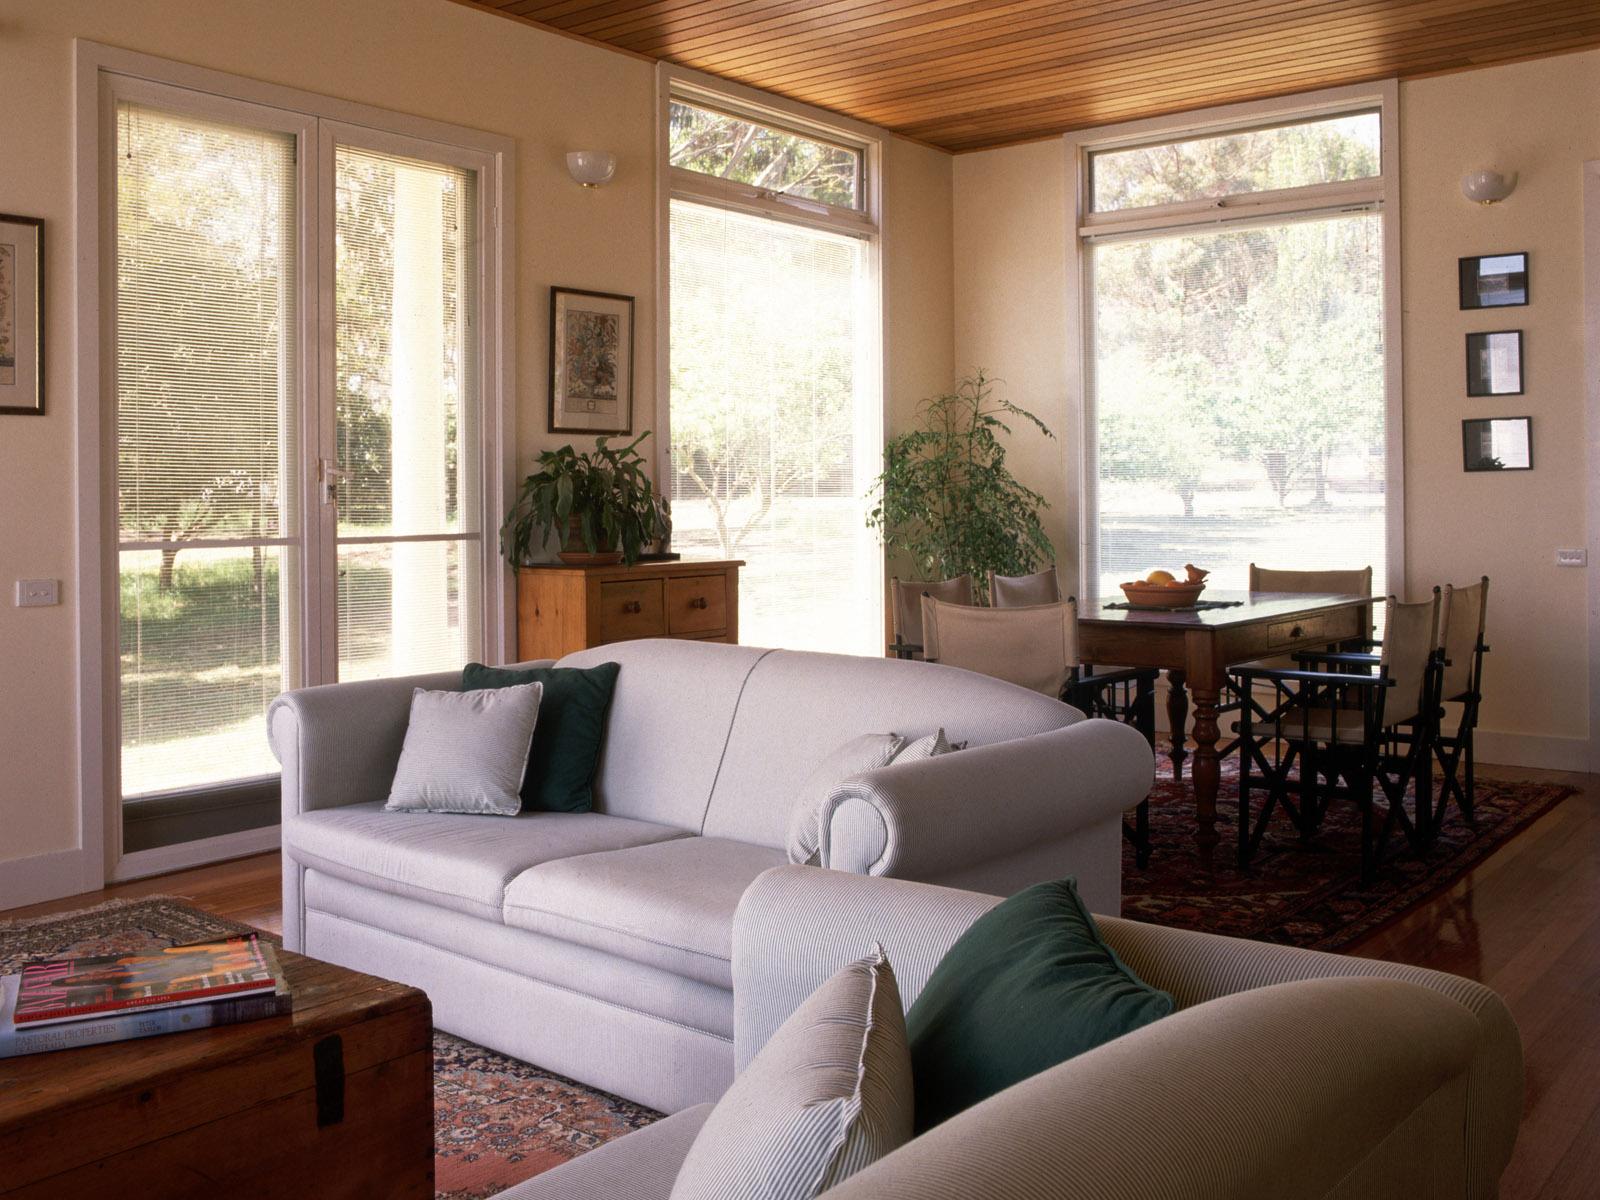 视觉大餐-室内装潢设计 - 沉默是金 - 沉默是金de家园